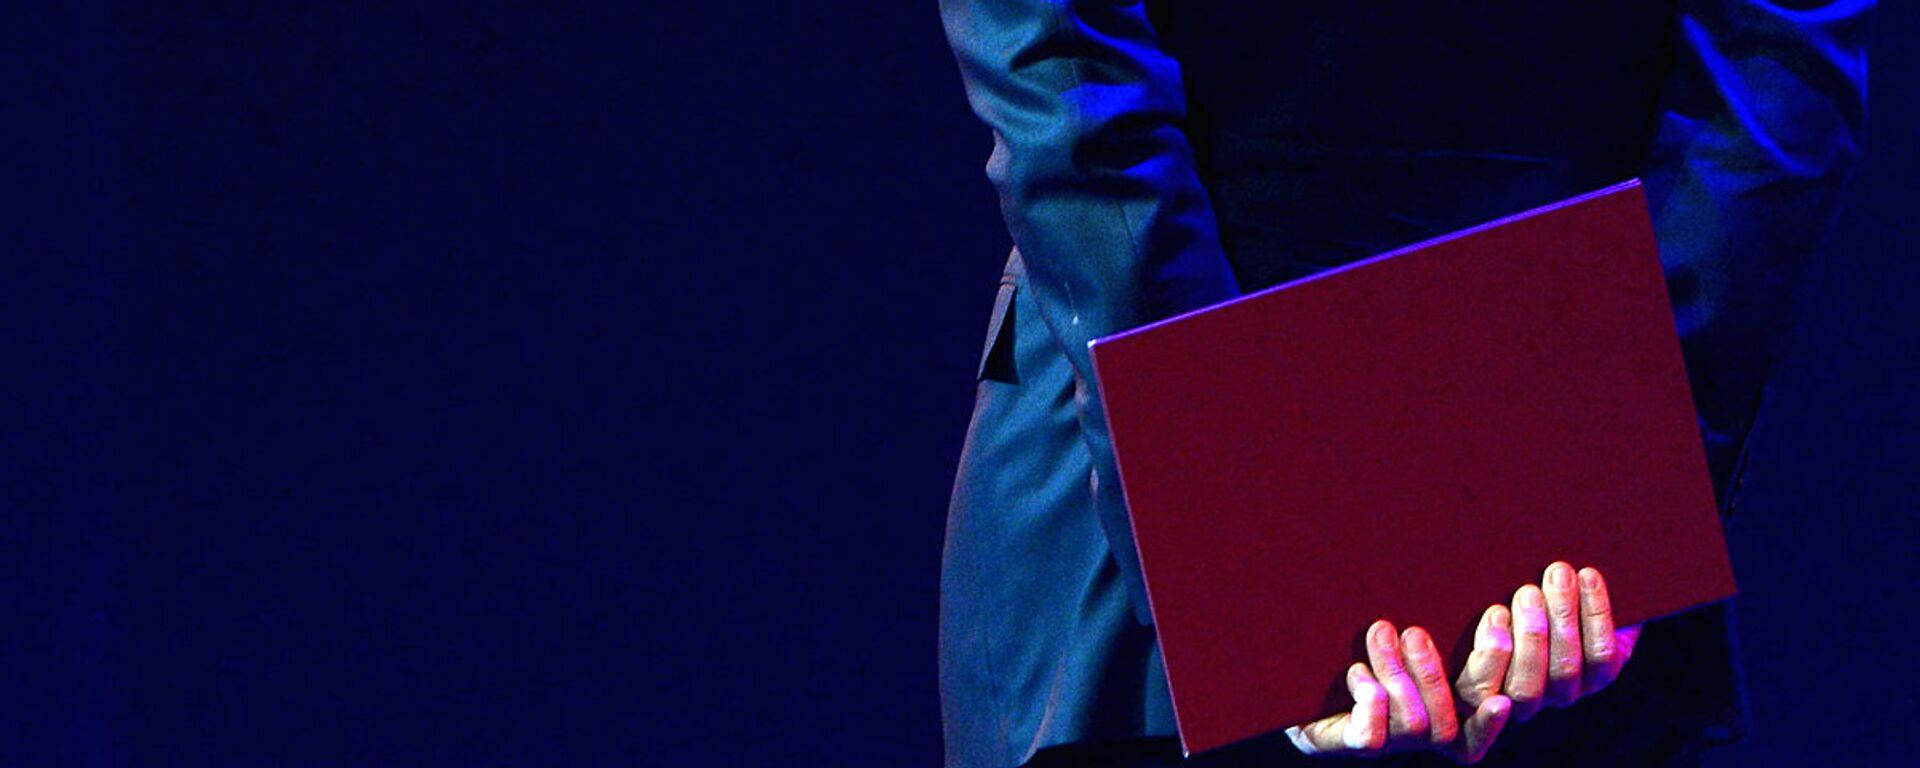 Мужчина держит папку в руке - Sputnik Ўзбекистон, 1920, 02.03.2021